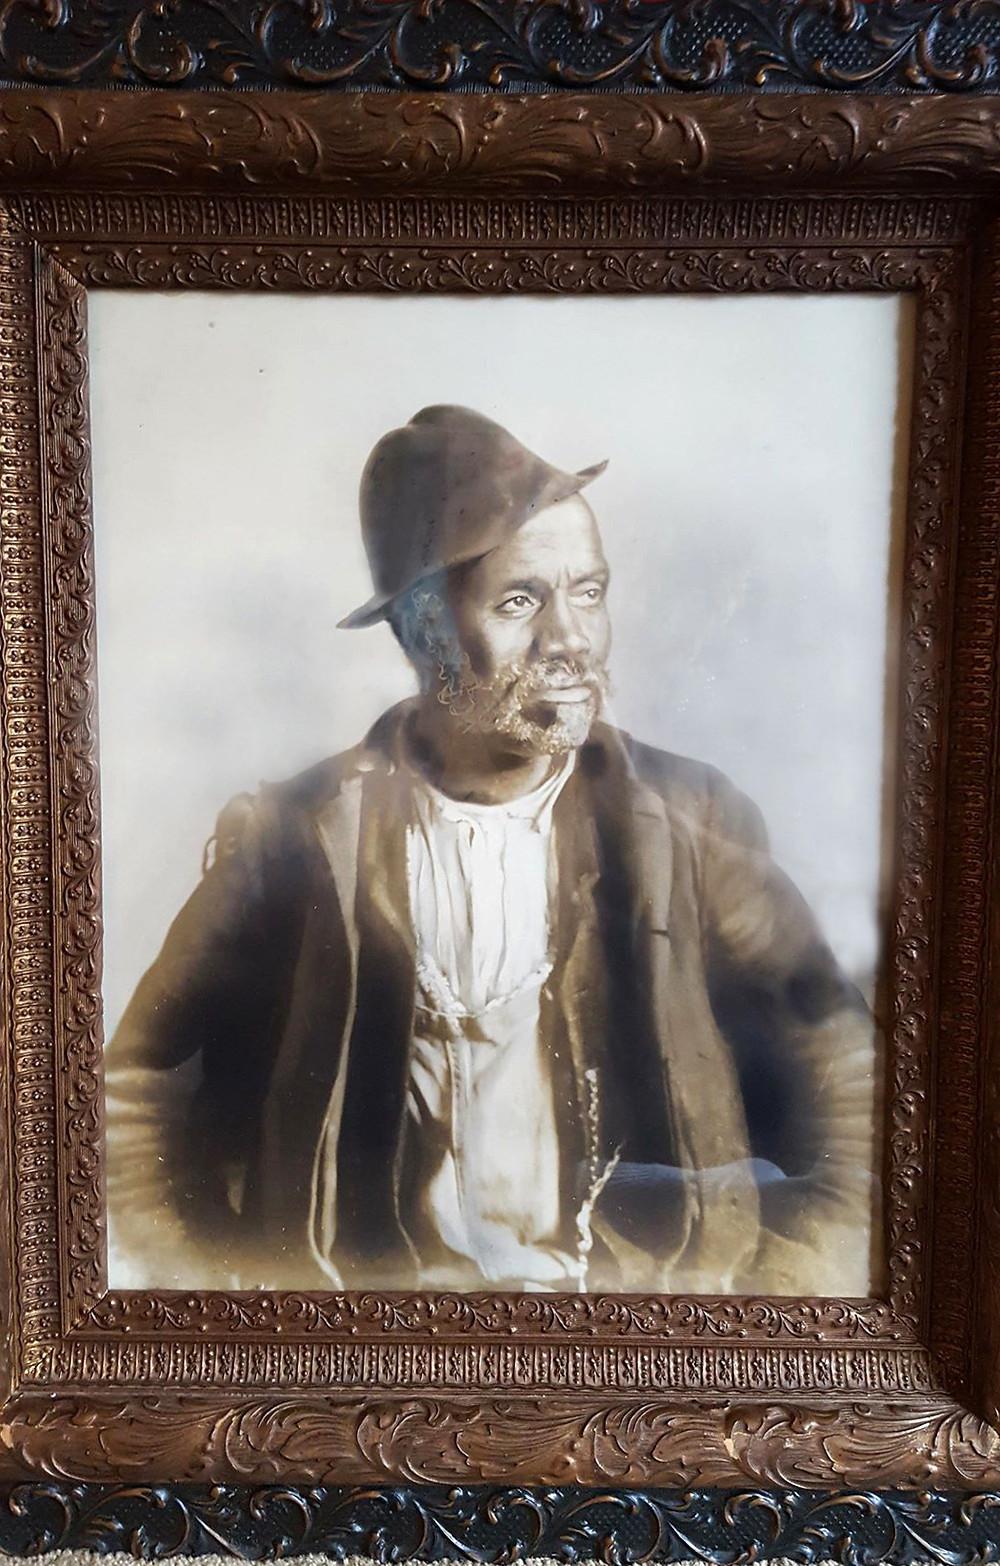 Jeremiah Stevens turkey call maker